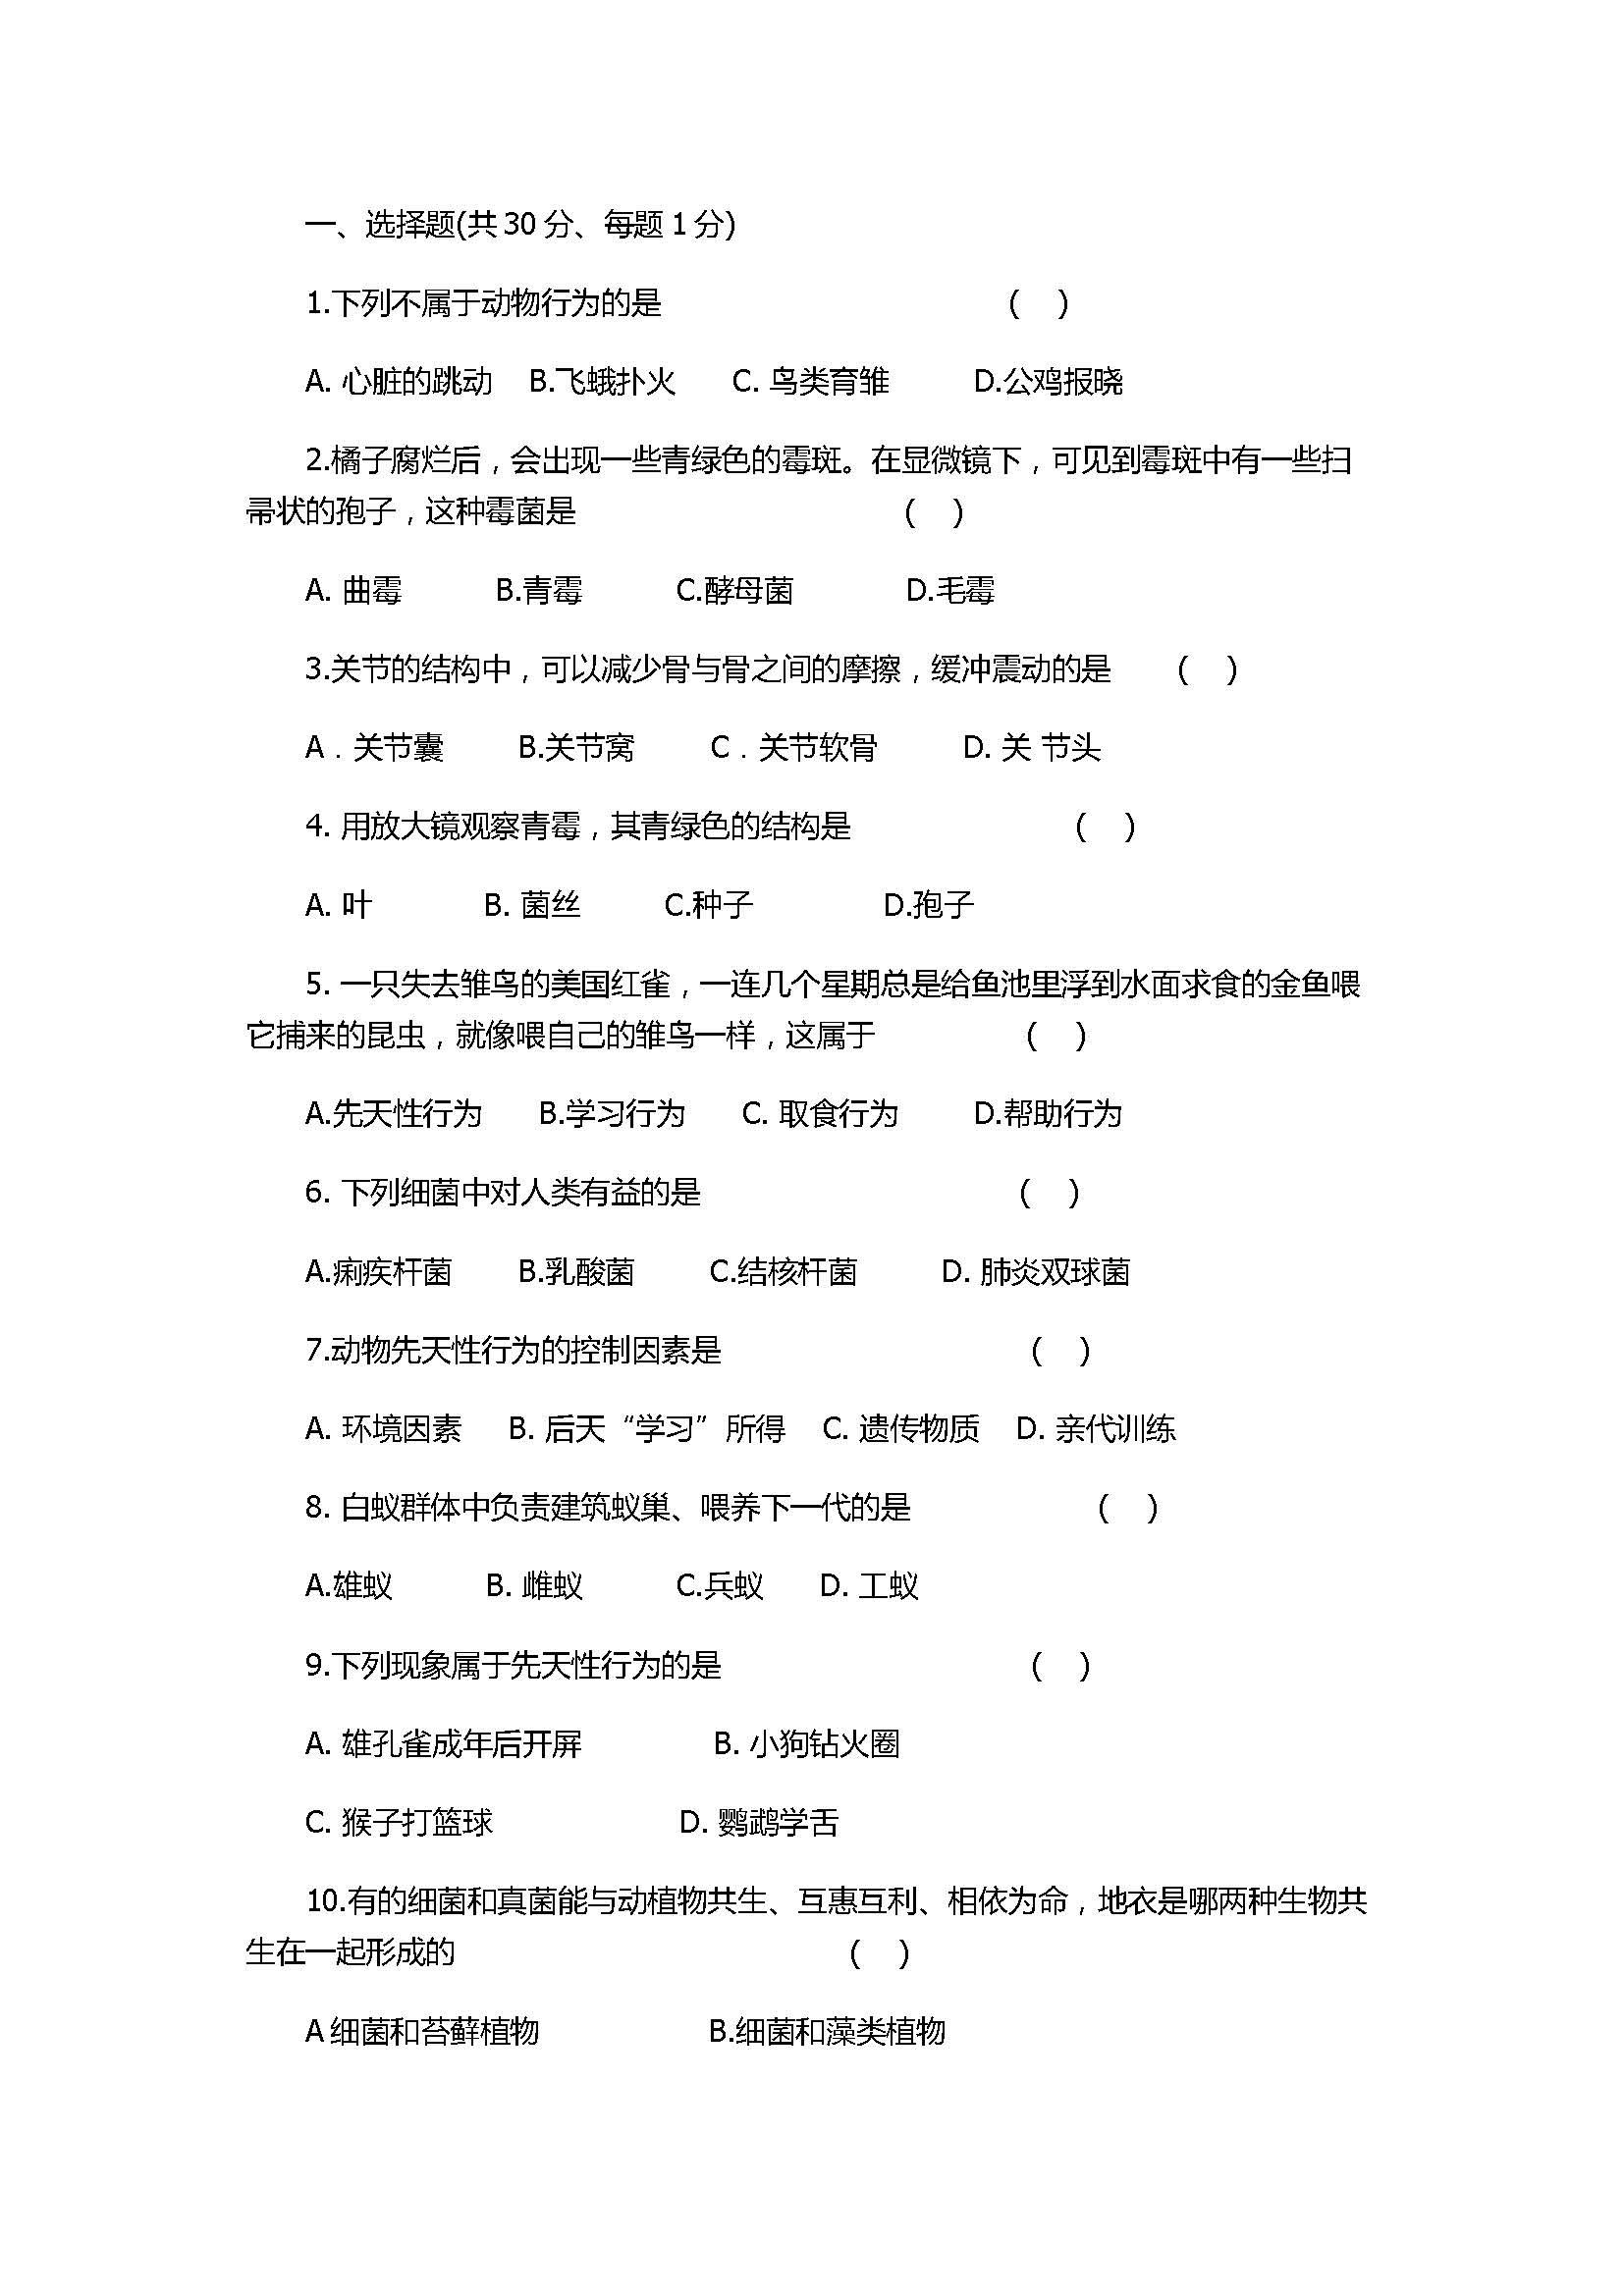 2017初二年级生物上册月考试题含答案(德惠三中)